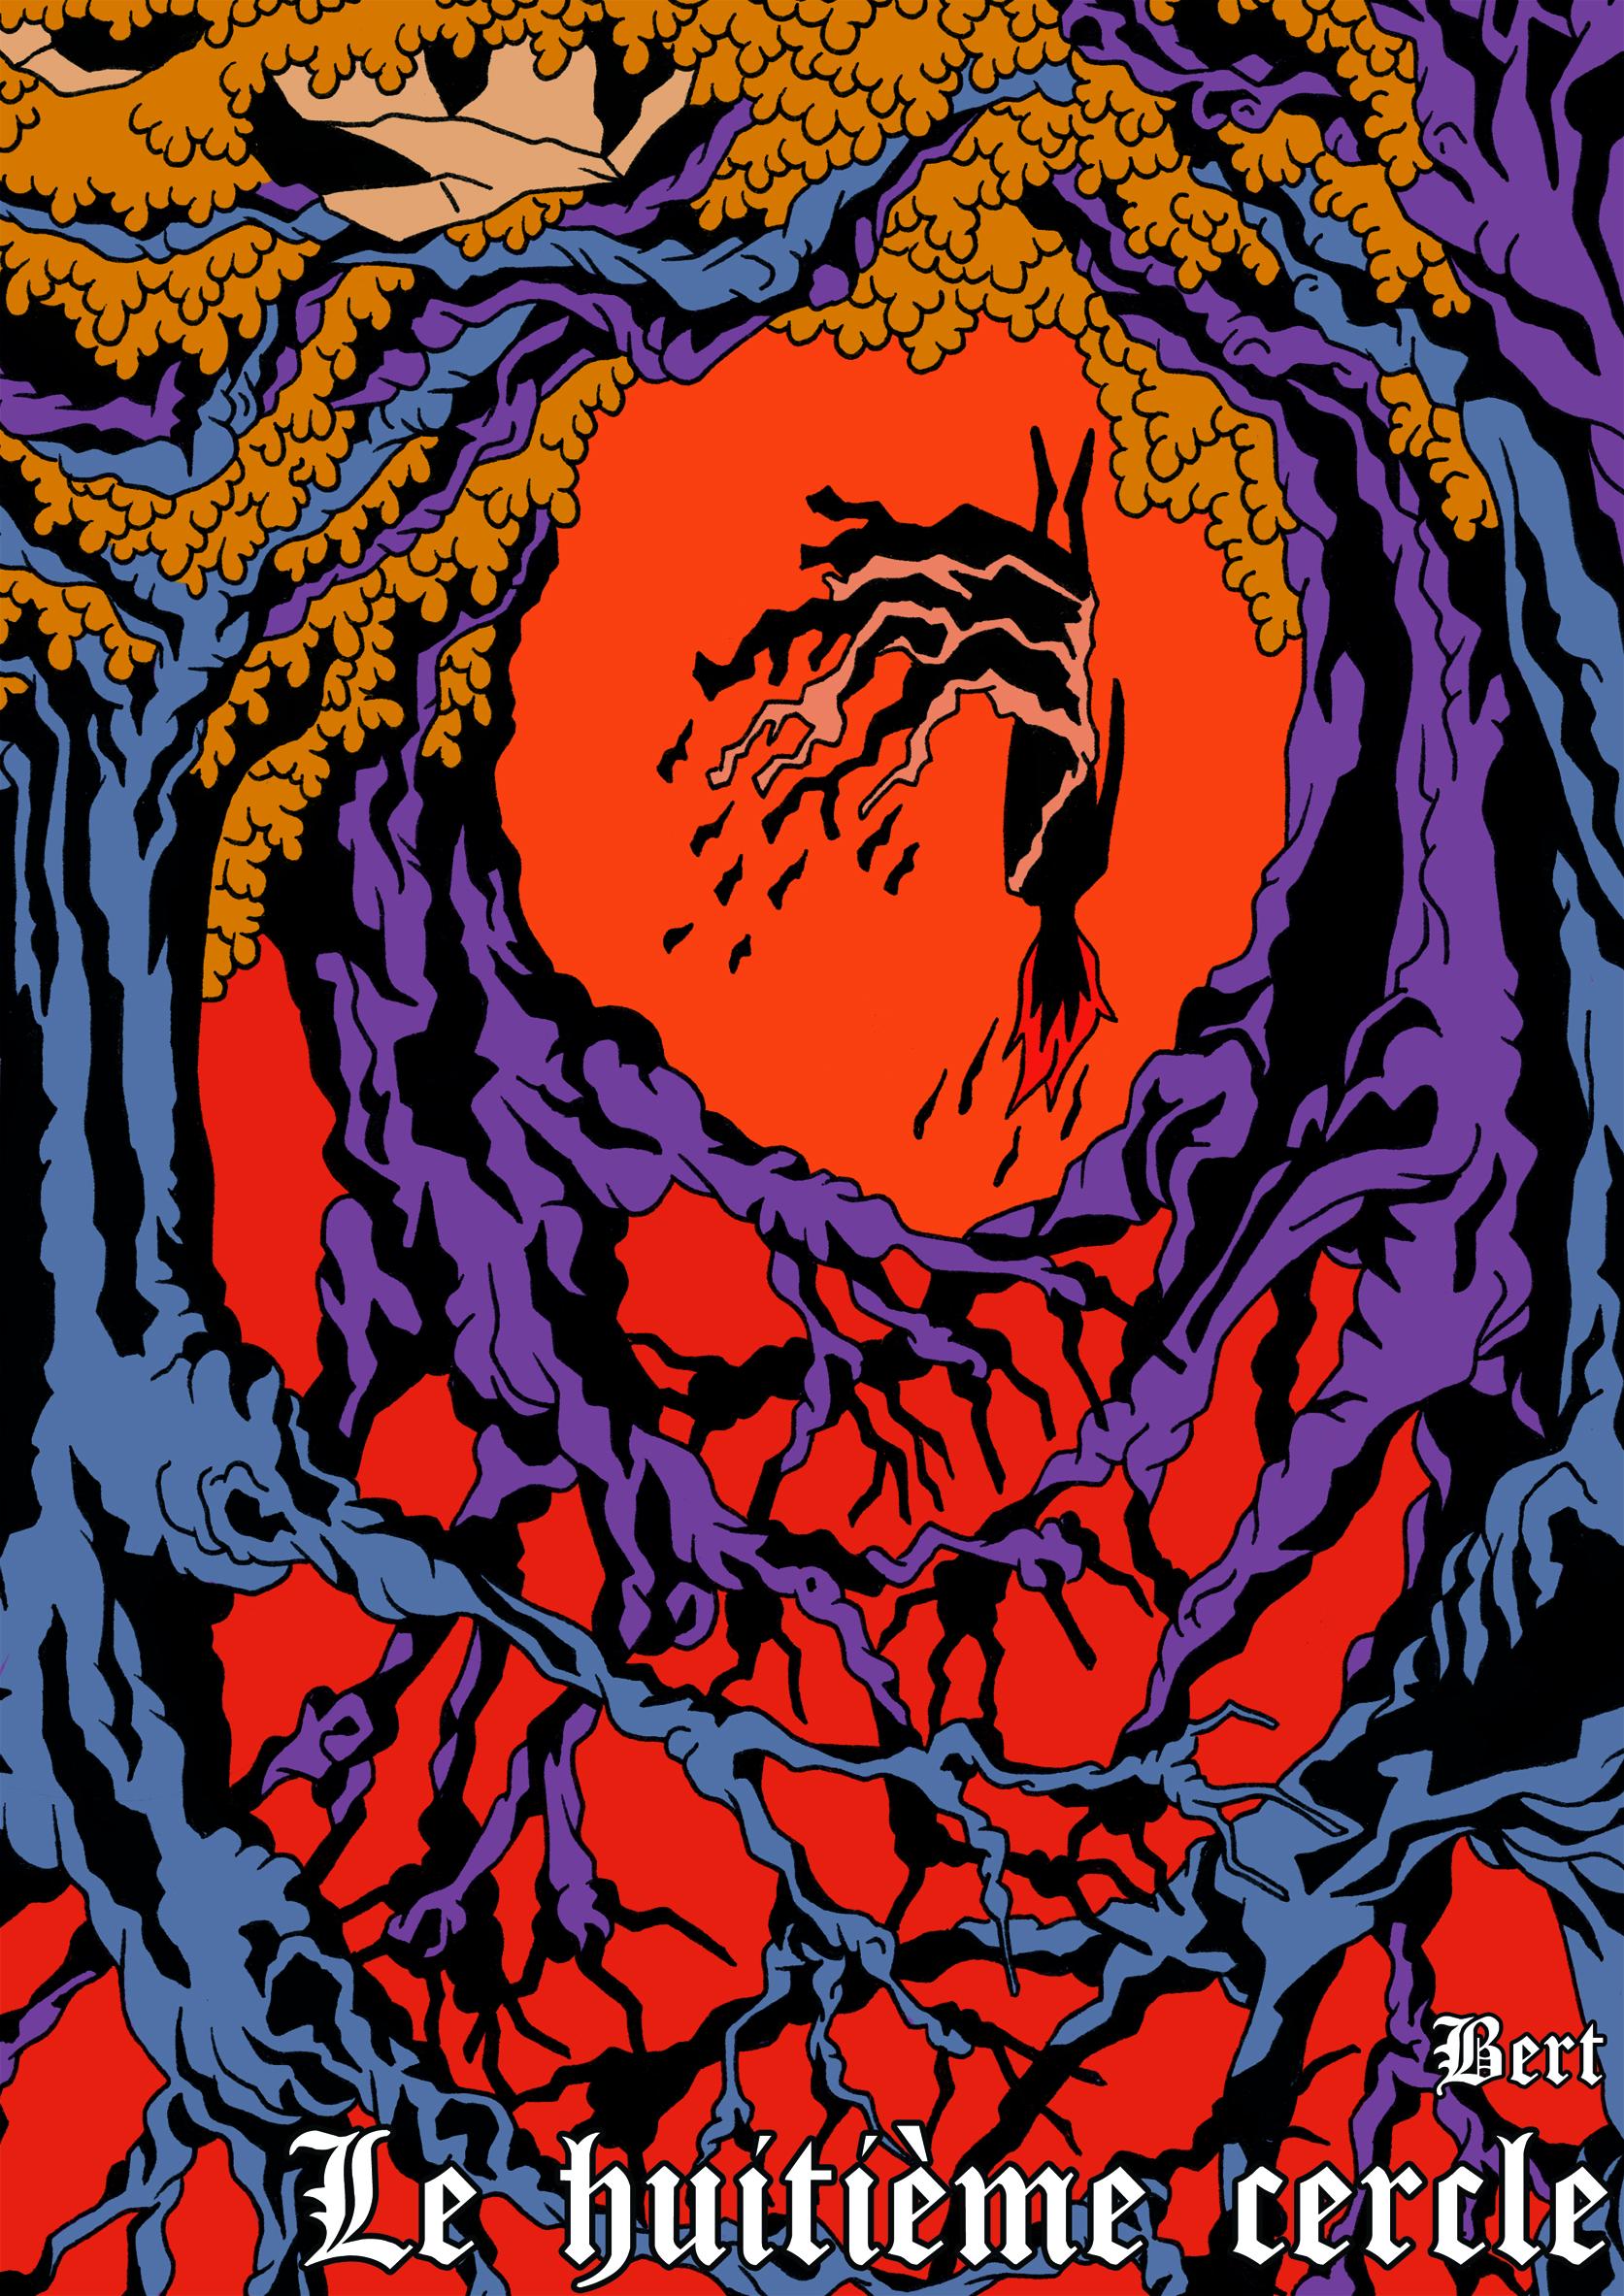 Couverture de la bande-dessinée Le Huitième Cercle par Bert